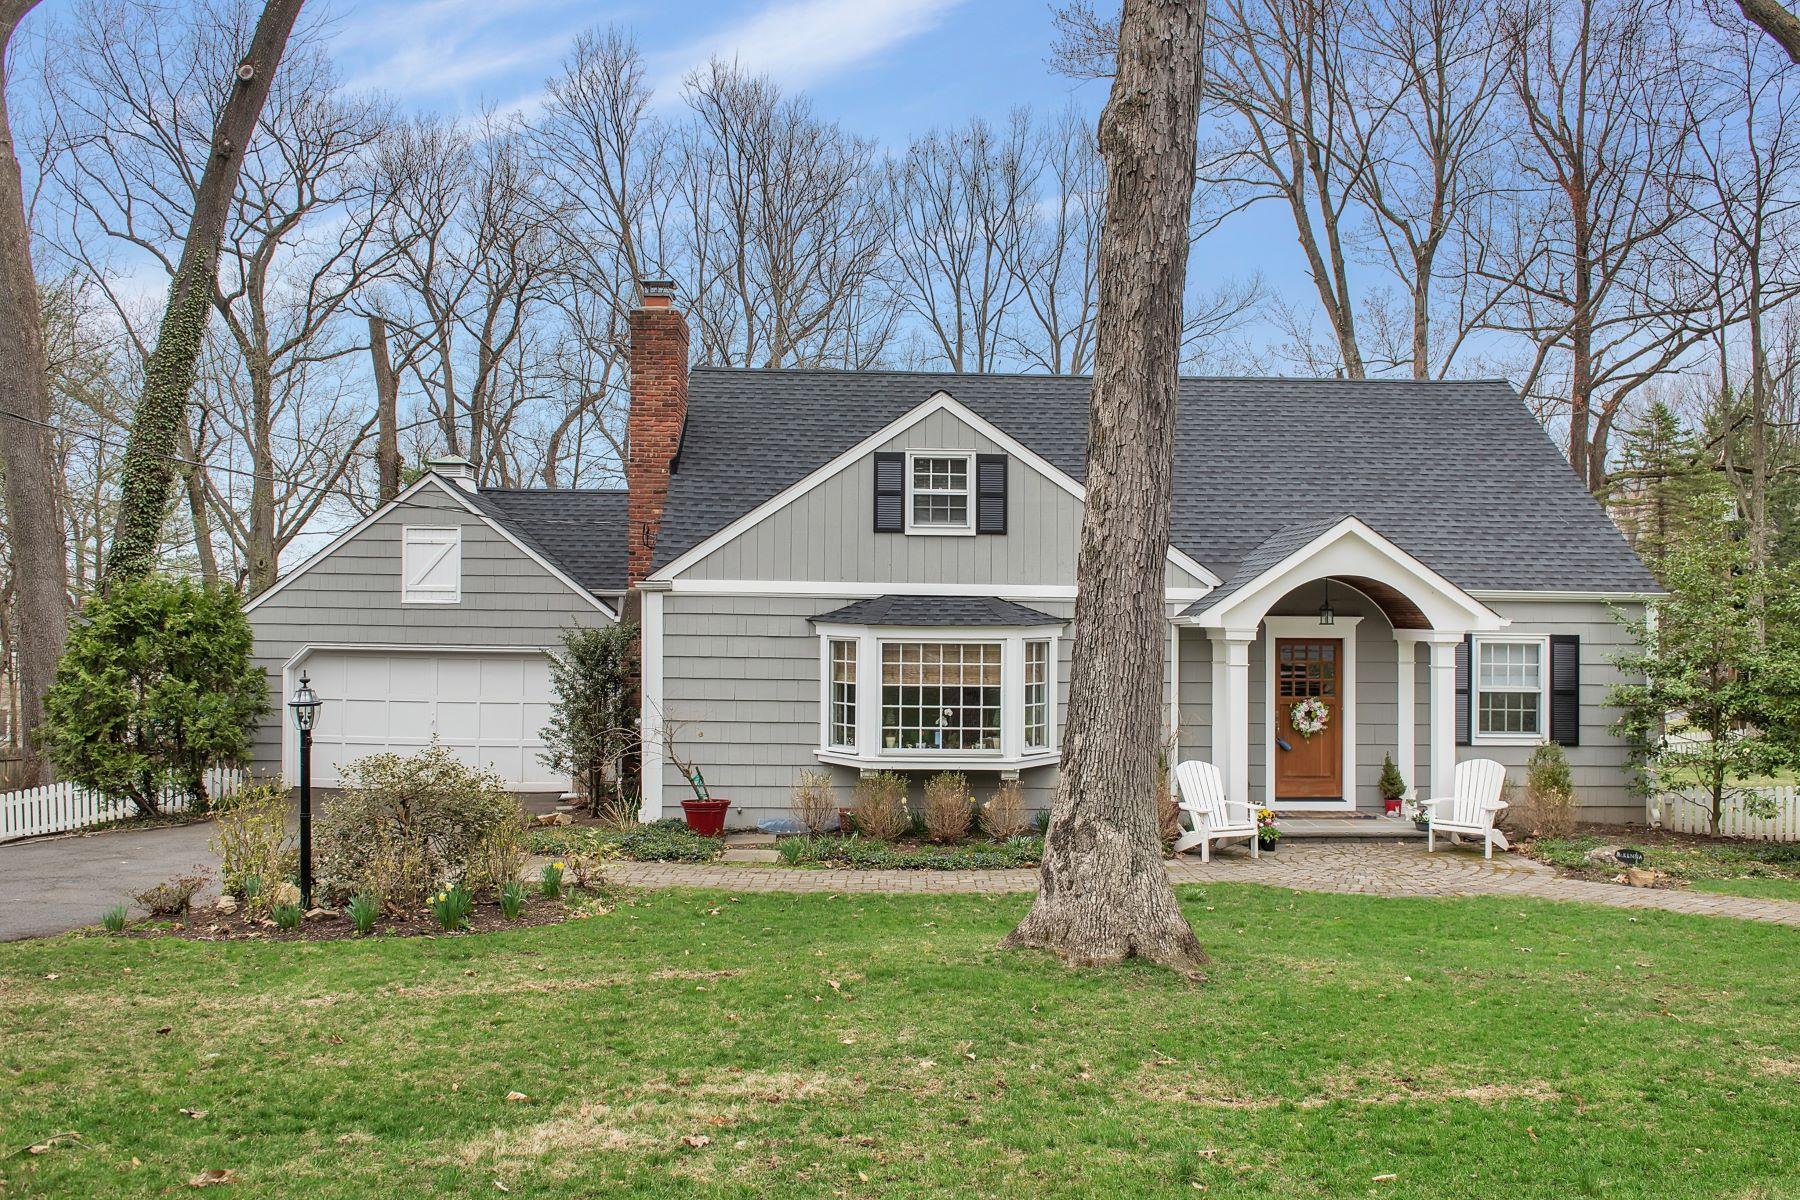 Maison unifamiliale pour l Vente à Turn Key Cape 33 Tall Oaks Drive, New Providence, New Jersey 07974 États-Unis